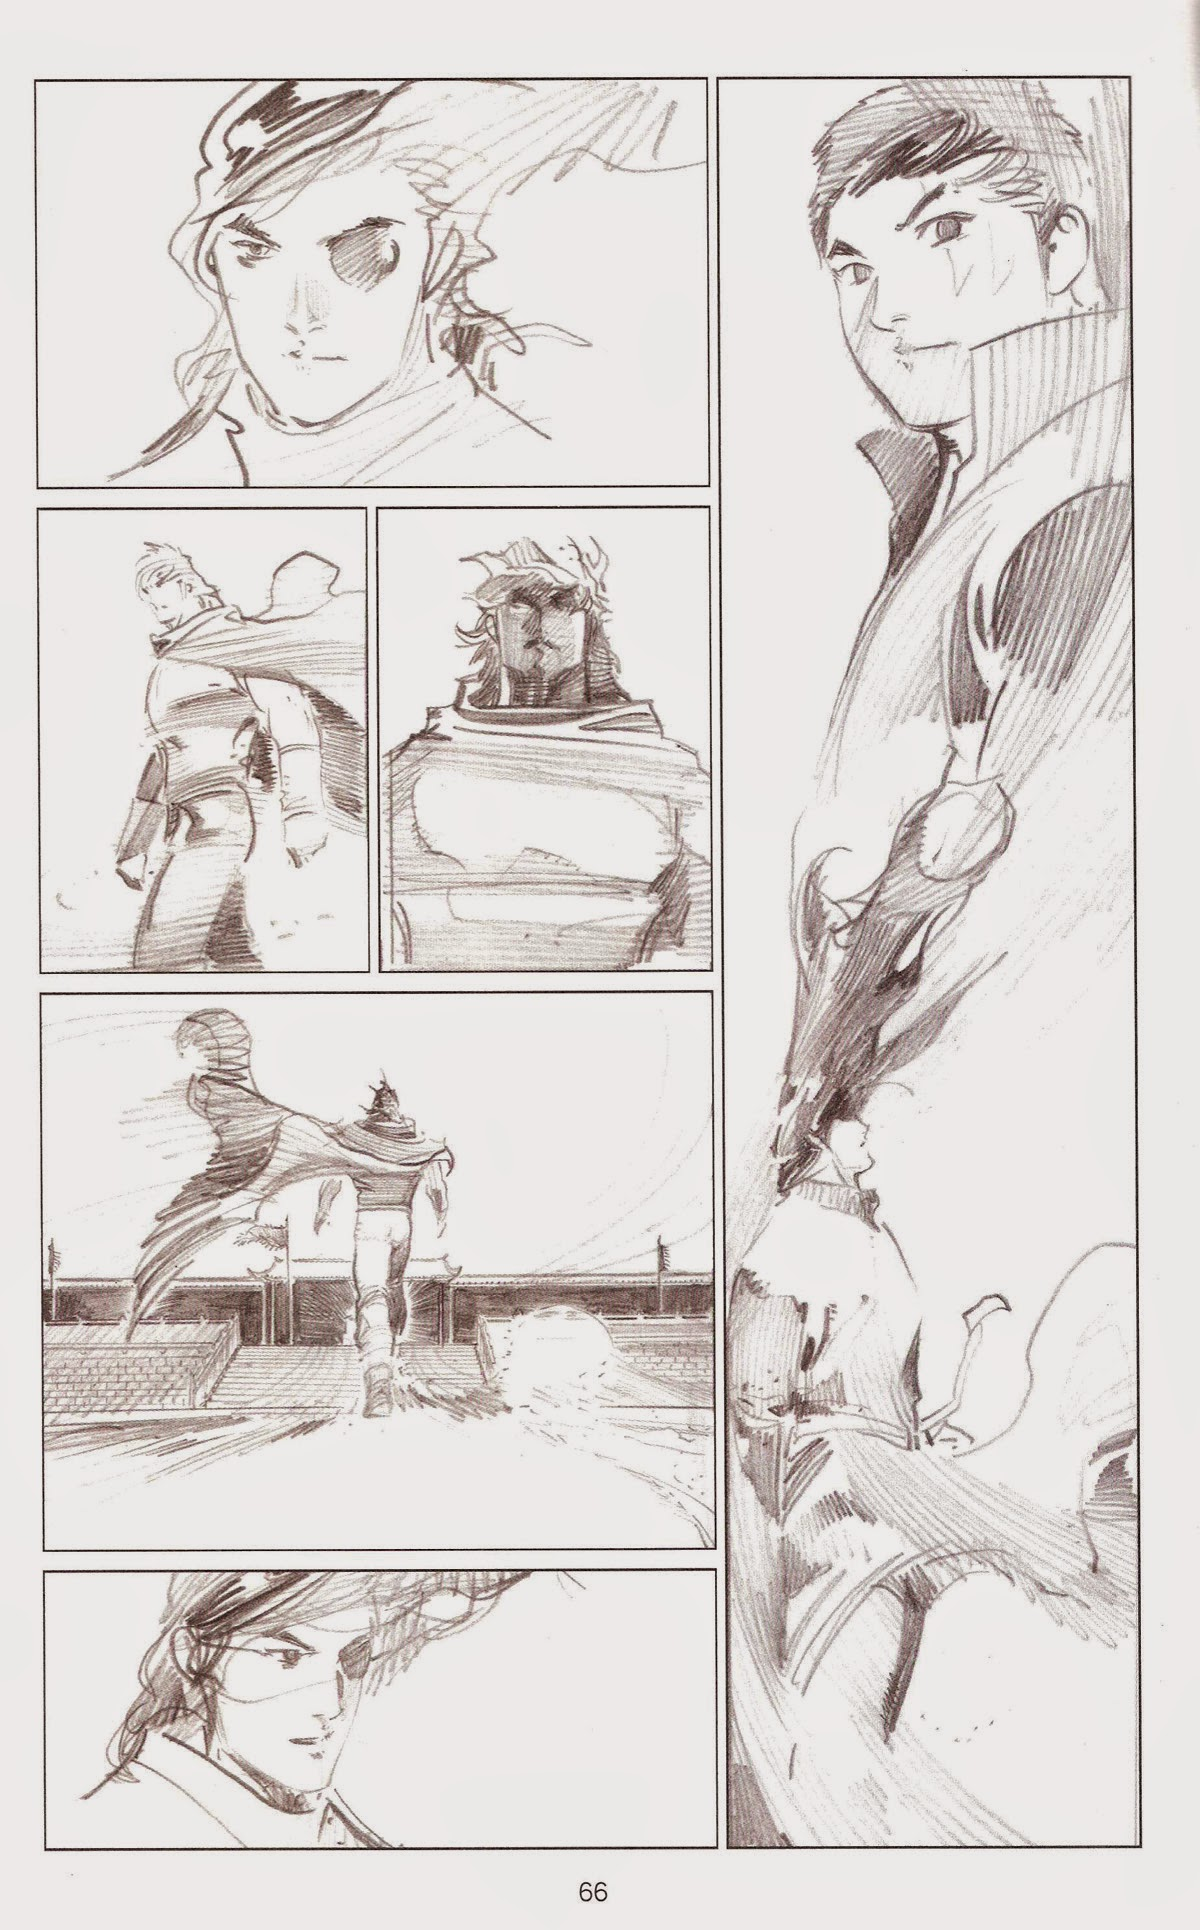 Phong Vân chap 675 - Trang 64